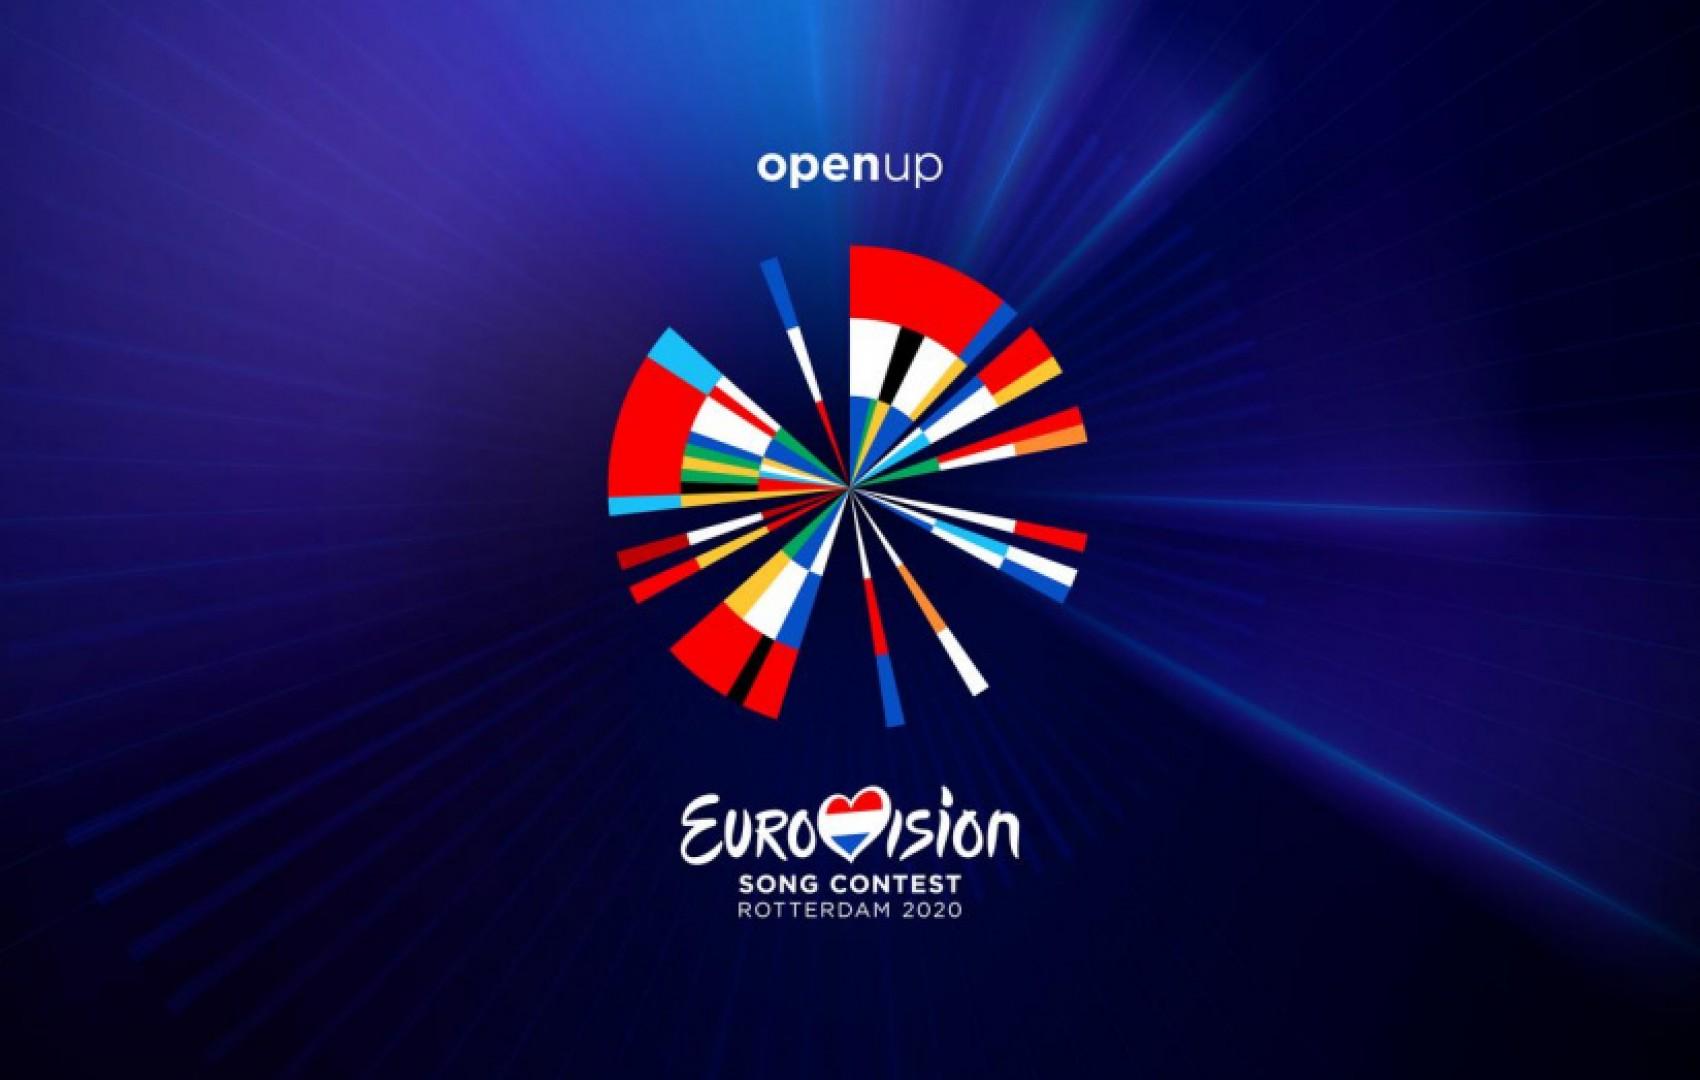 Eurovision : 10 choses à savoir avant la finale